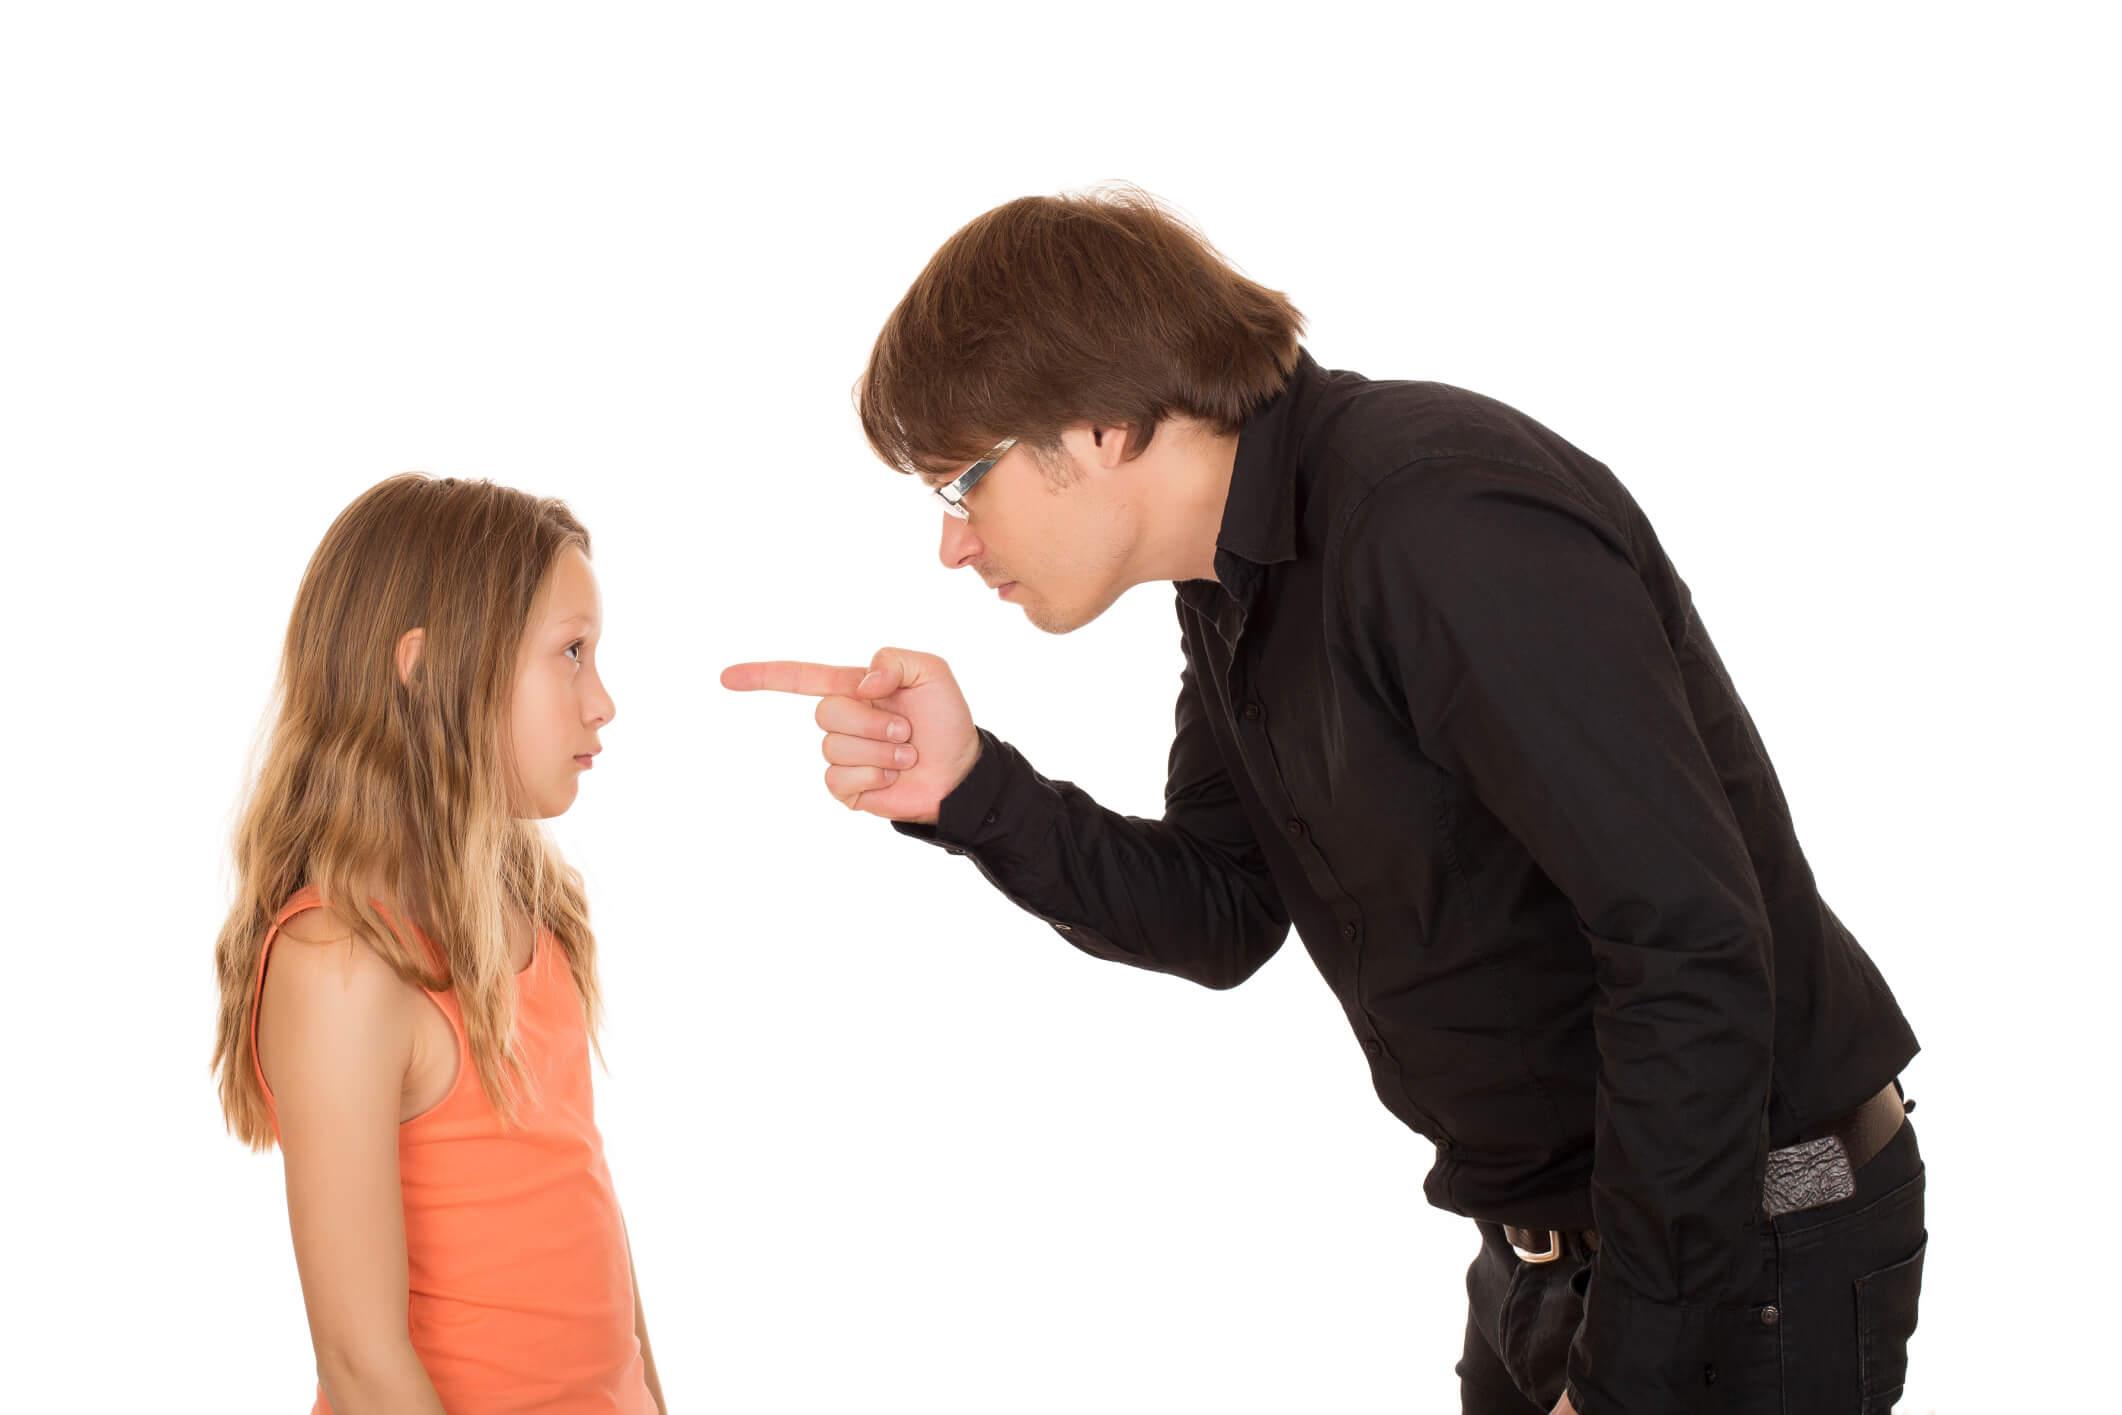 pai bravo apontando o dedo para a filha; pai repreendendo sua filha